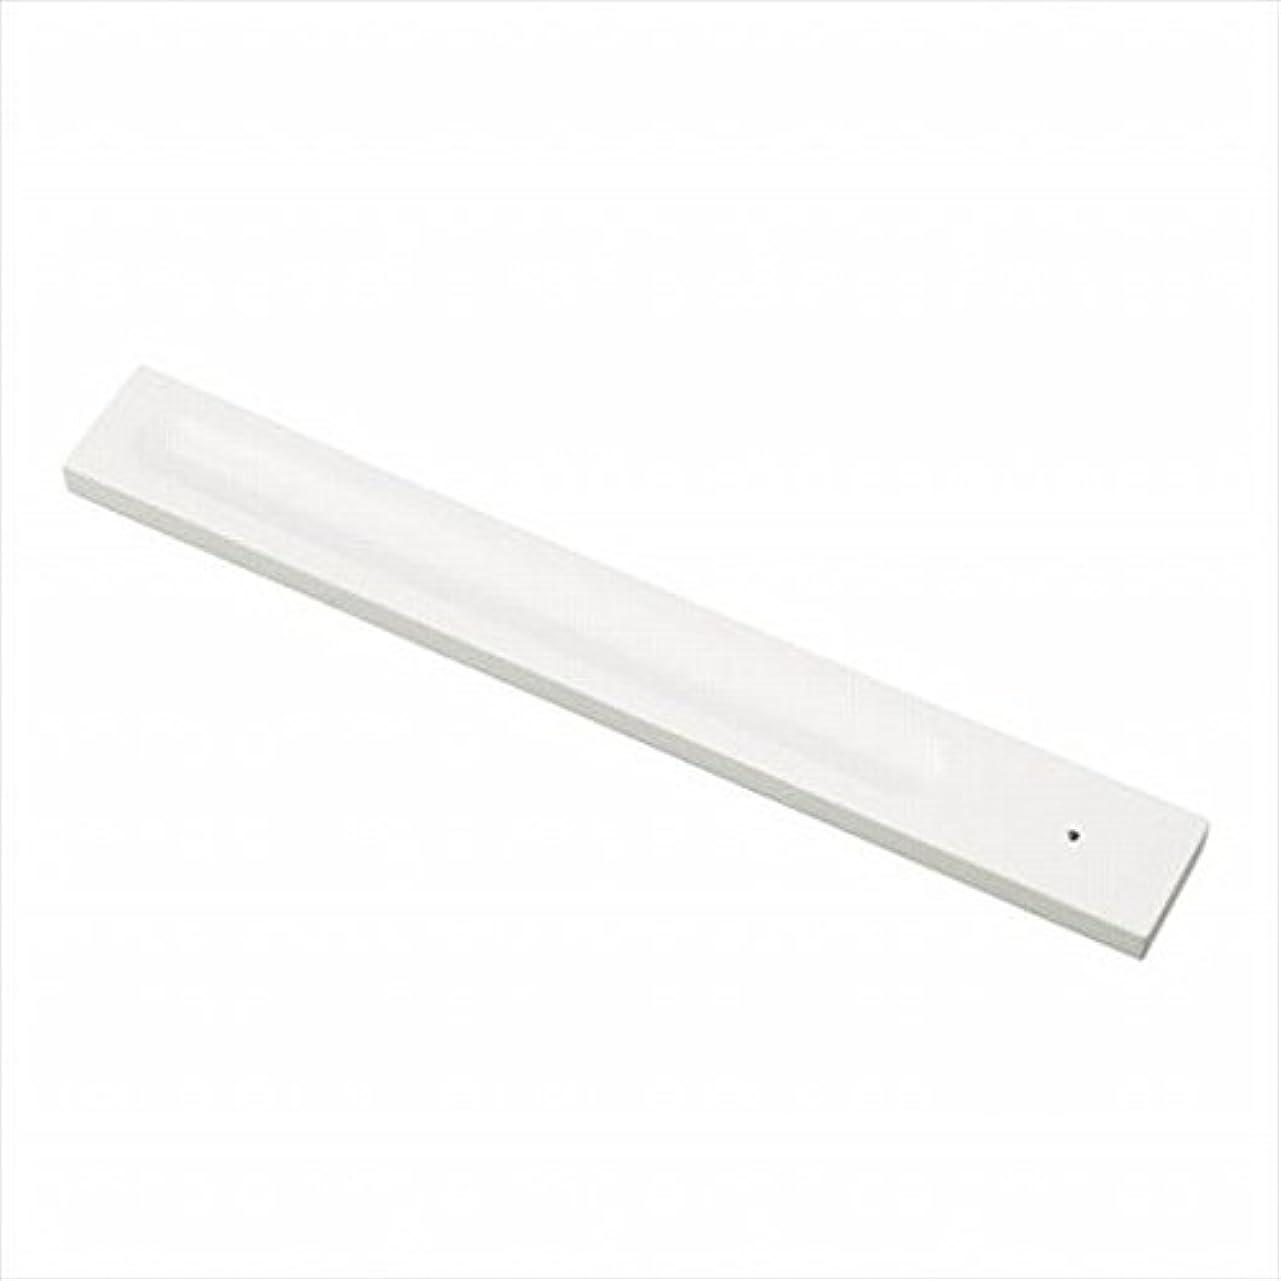 レンズキャプション珍しいkameyama candle(カメヤマキャンドル) バンブーインセンス用ホルダースクエア 「 ホワイト 」 キャンドル 30x246x9mm (E3130000W)